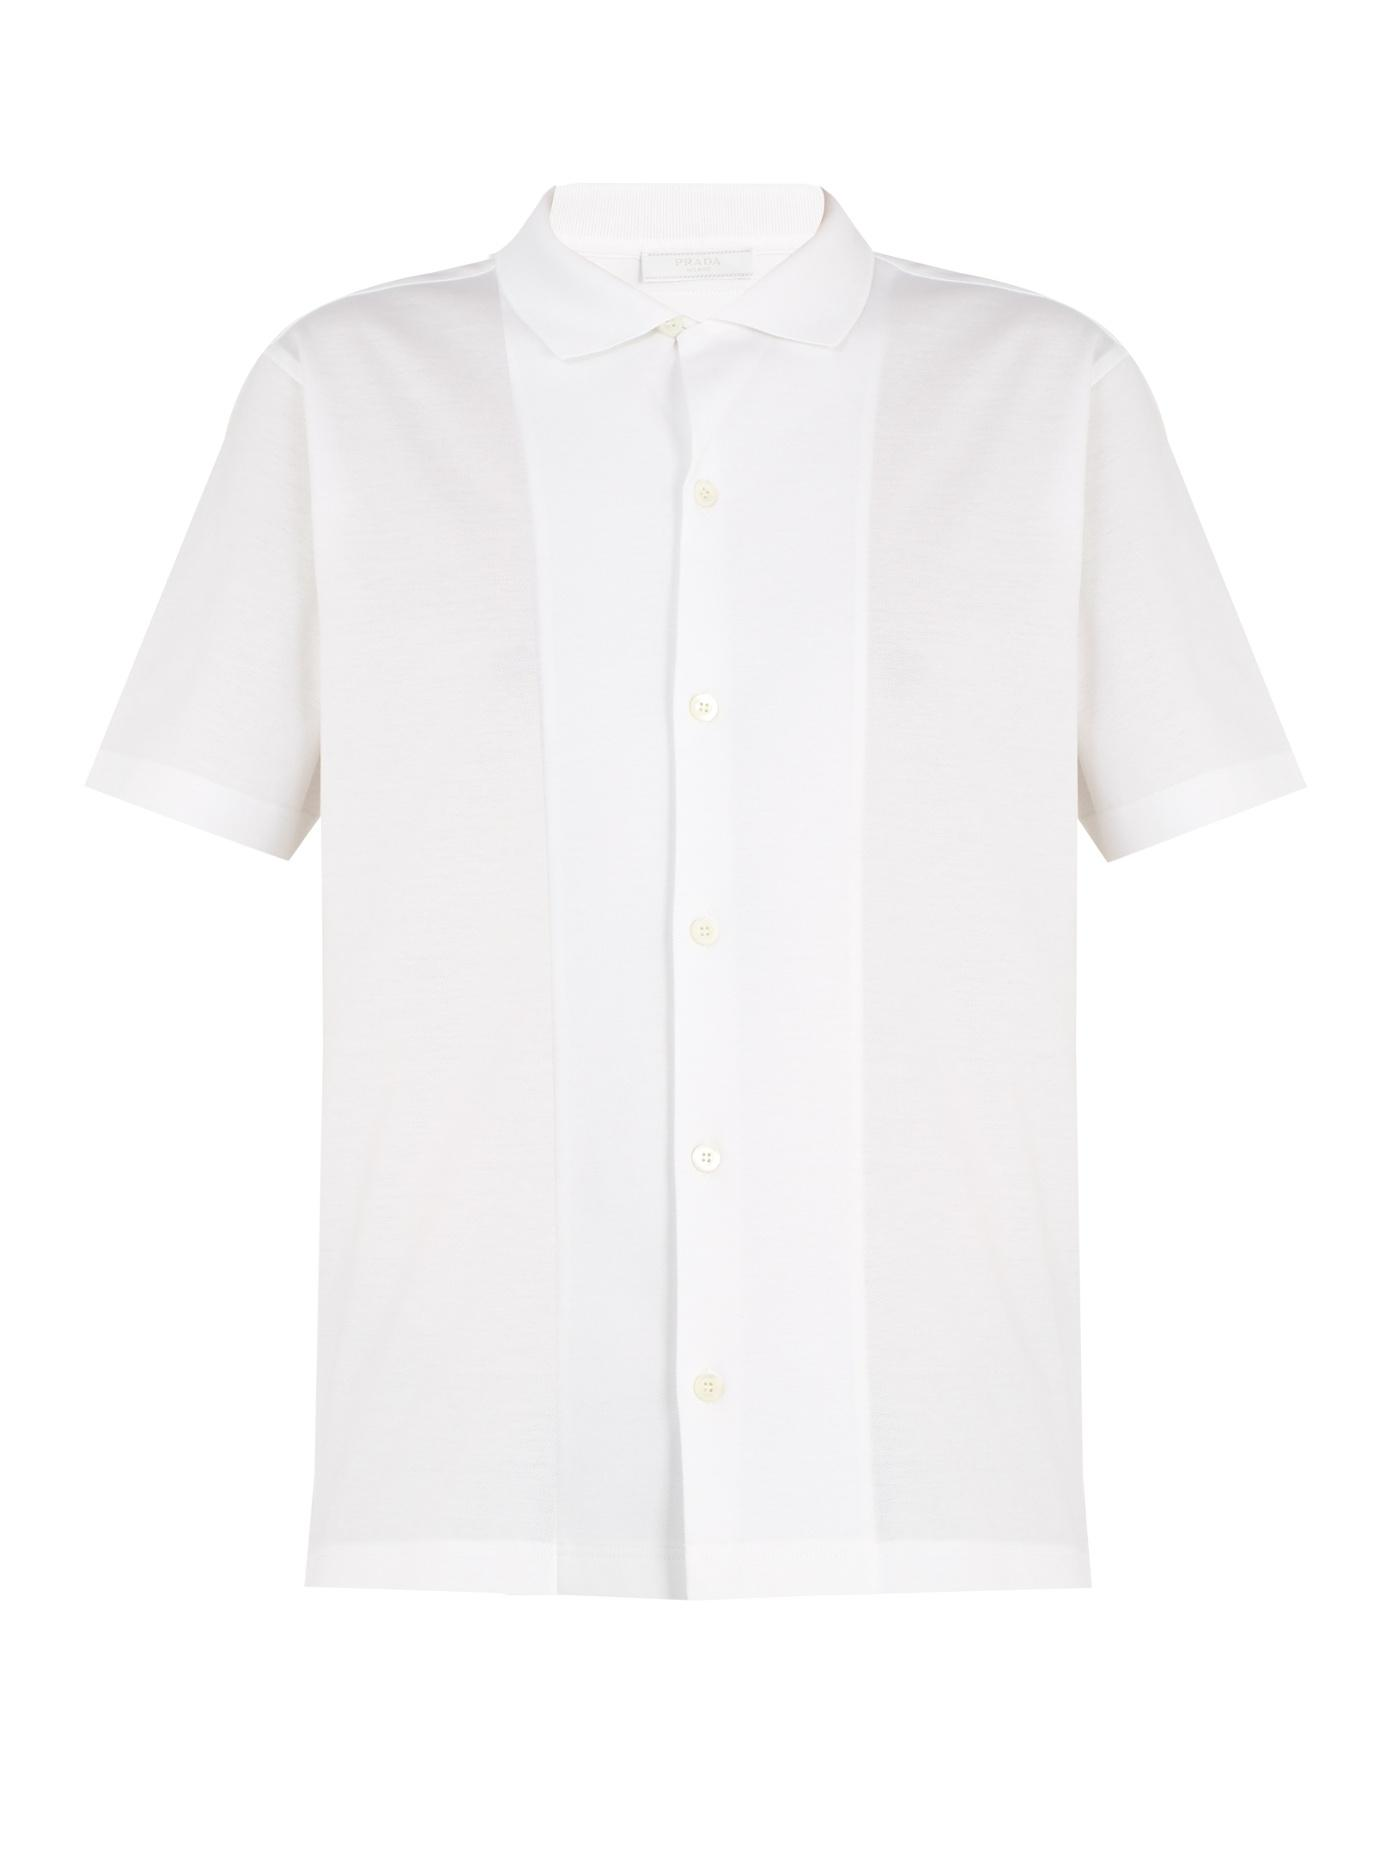 Prada Point-Collar Cotton-PiquÉ Polo Shirt In White